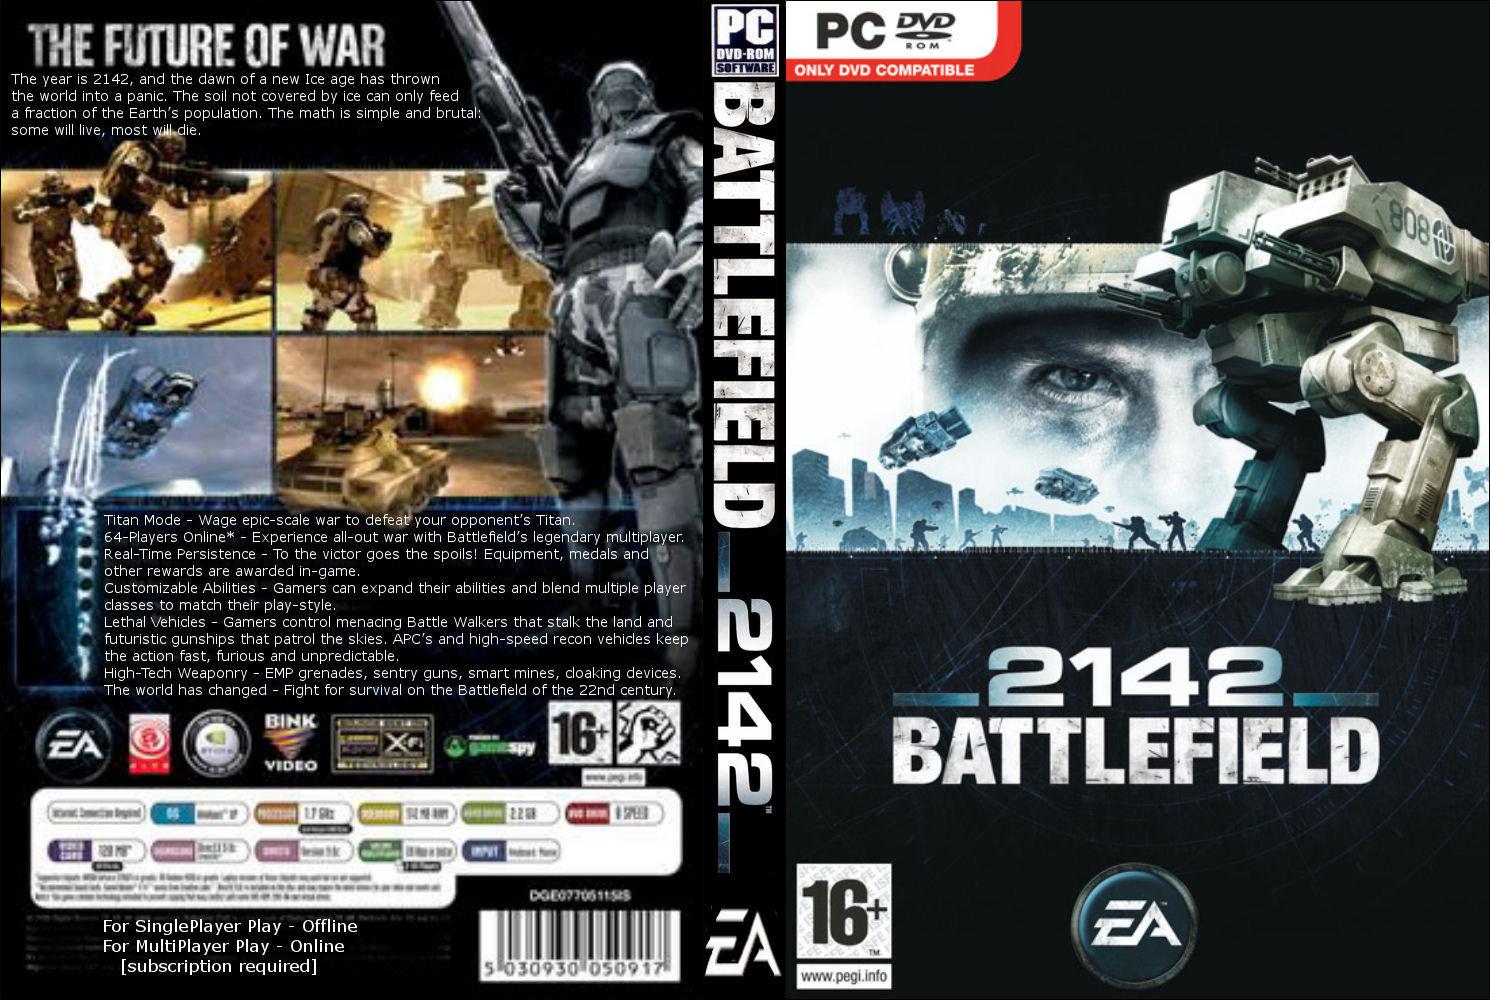 Battlefield 2142 patch 151 gamershell